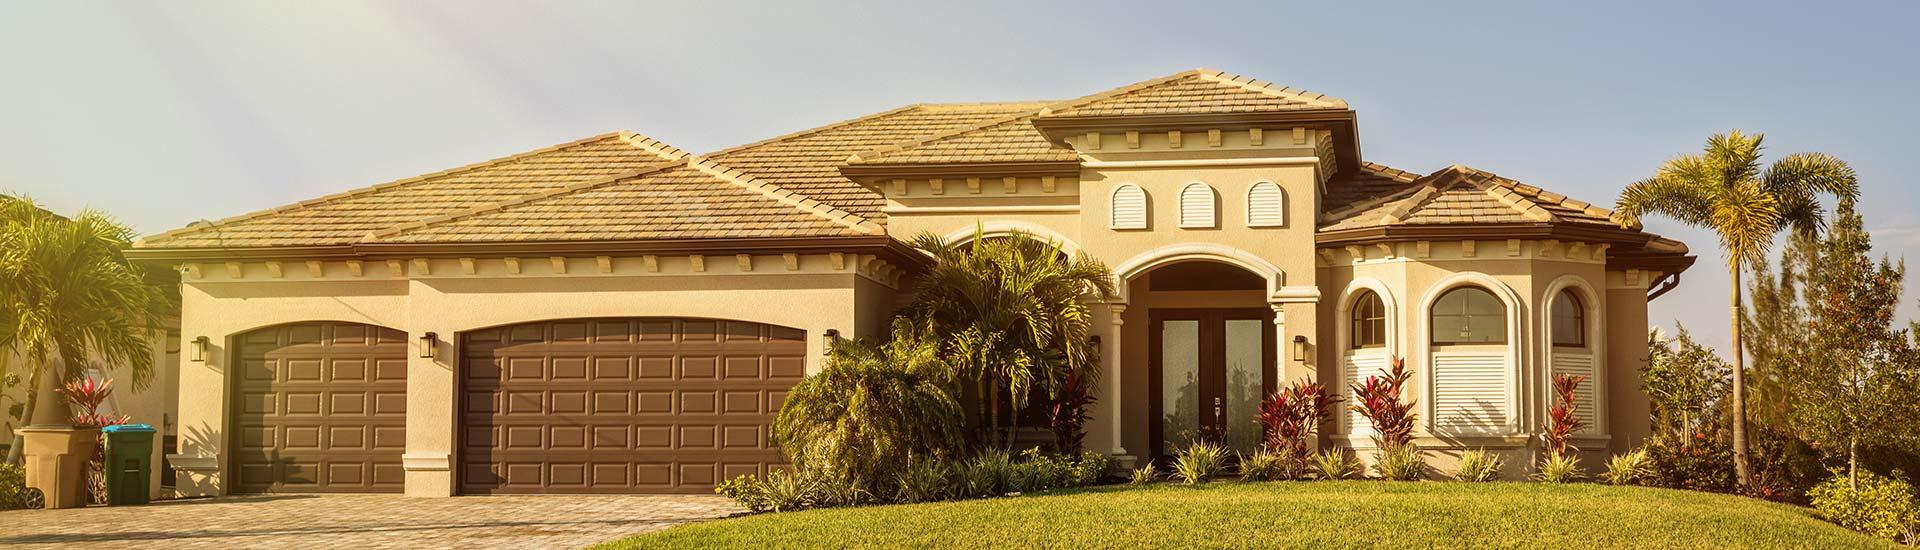 Homeowners Insurance in Lakeland, St Petersburg, Clearwater